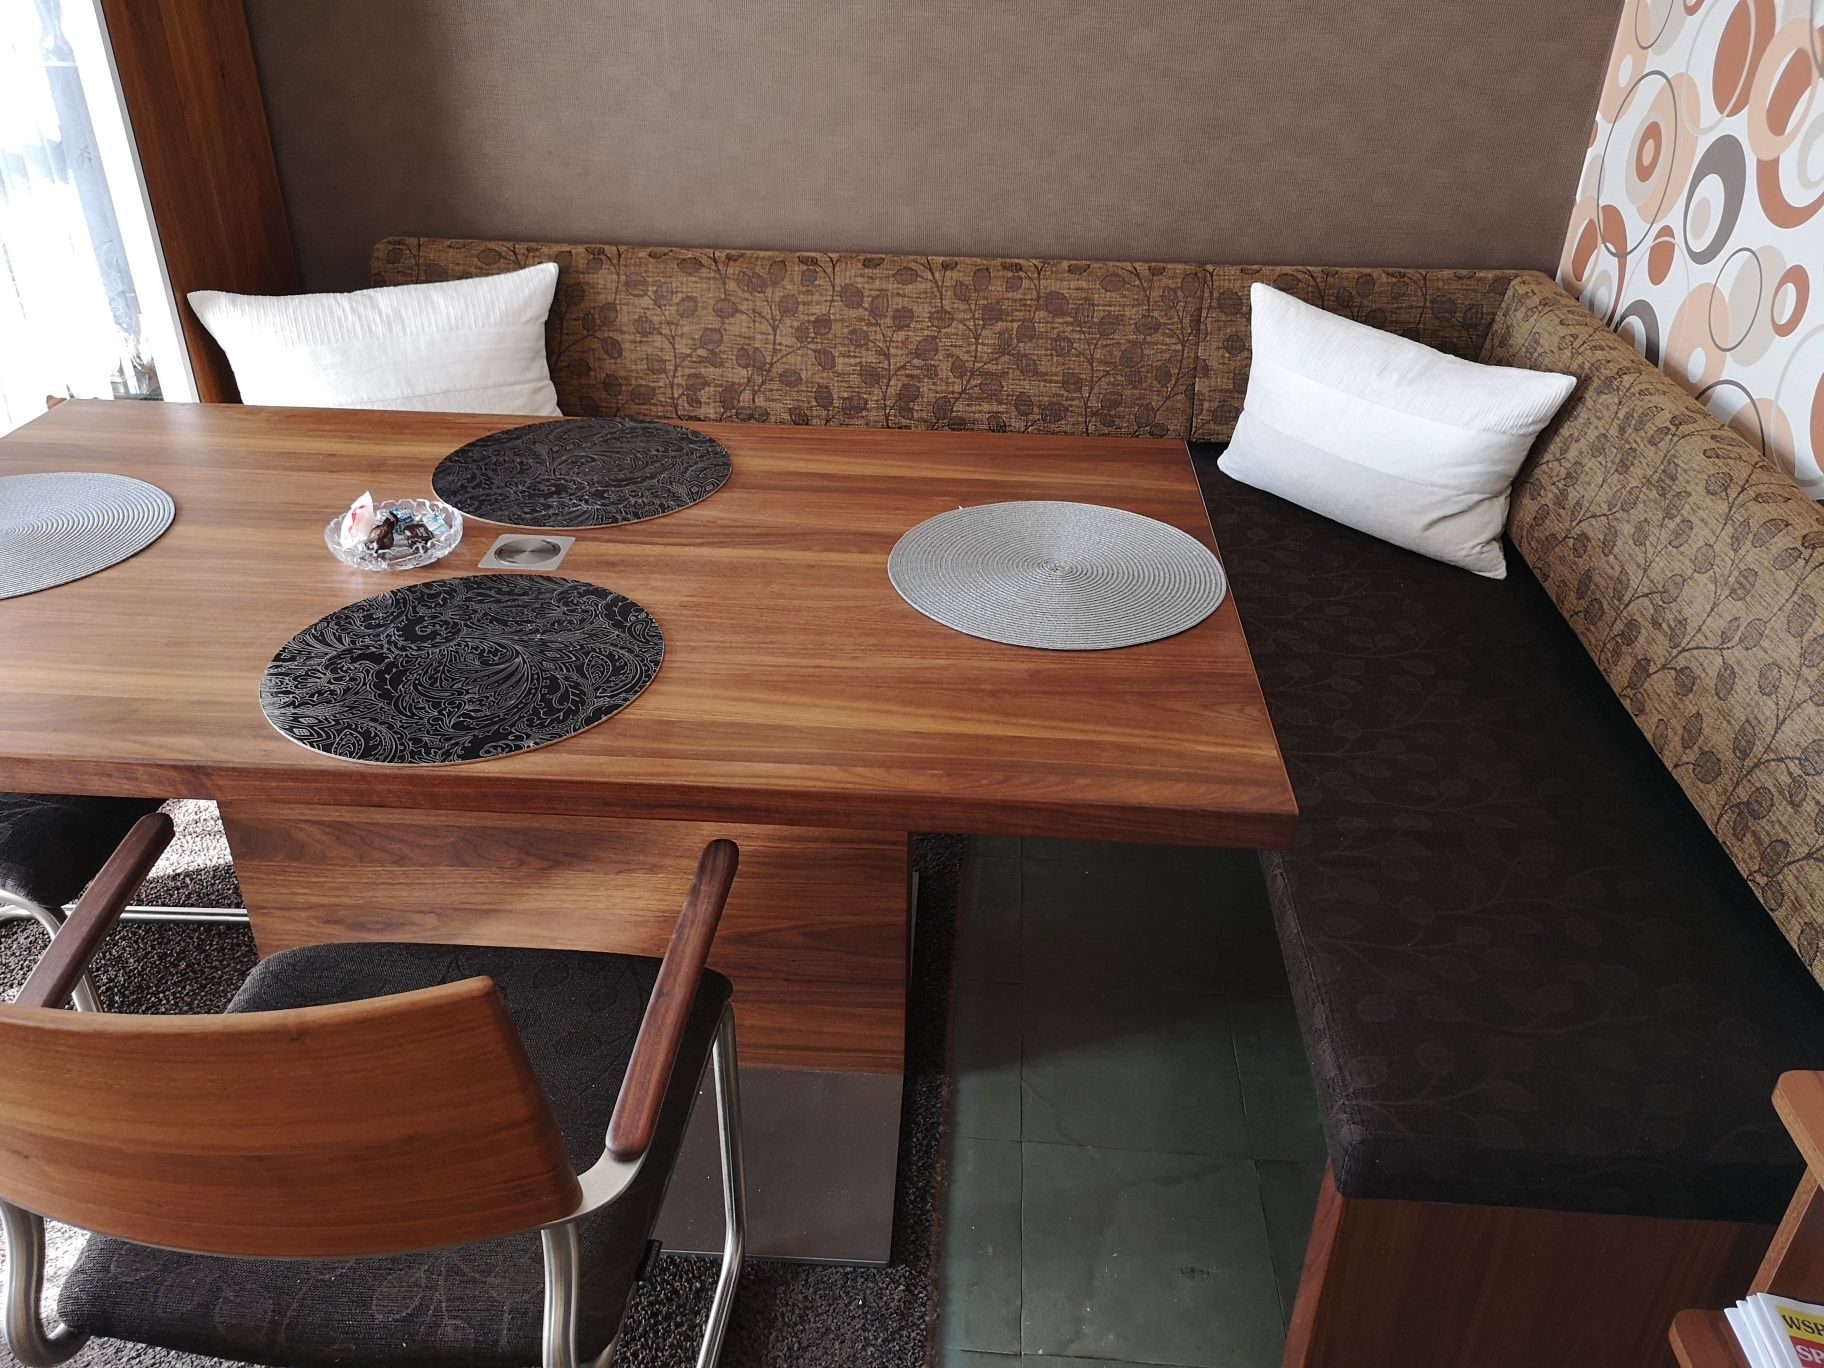 Meble z niemieckiego salonu, piękny stół z dwoma krzeslami i ławą